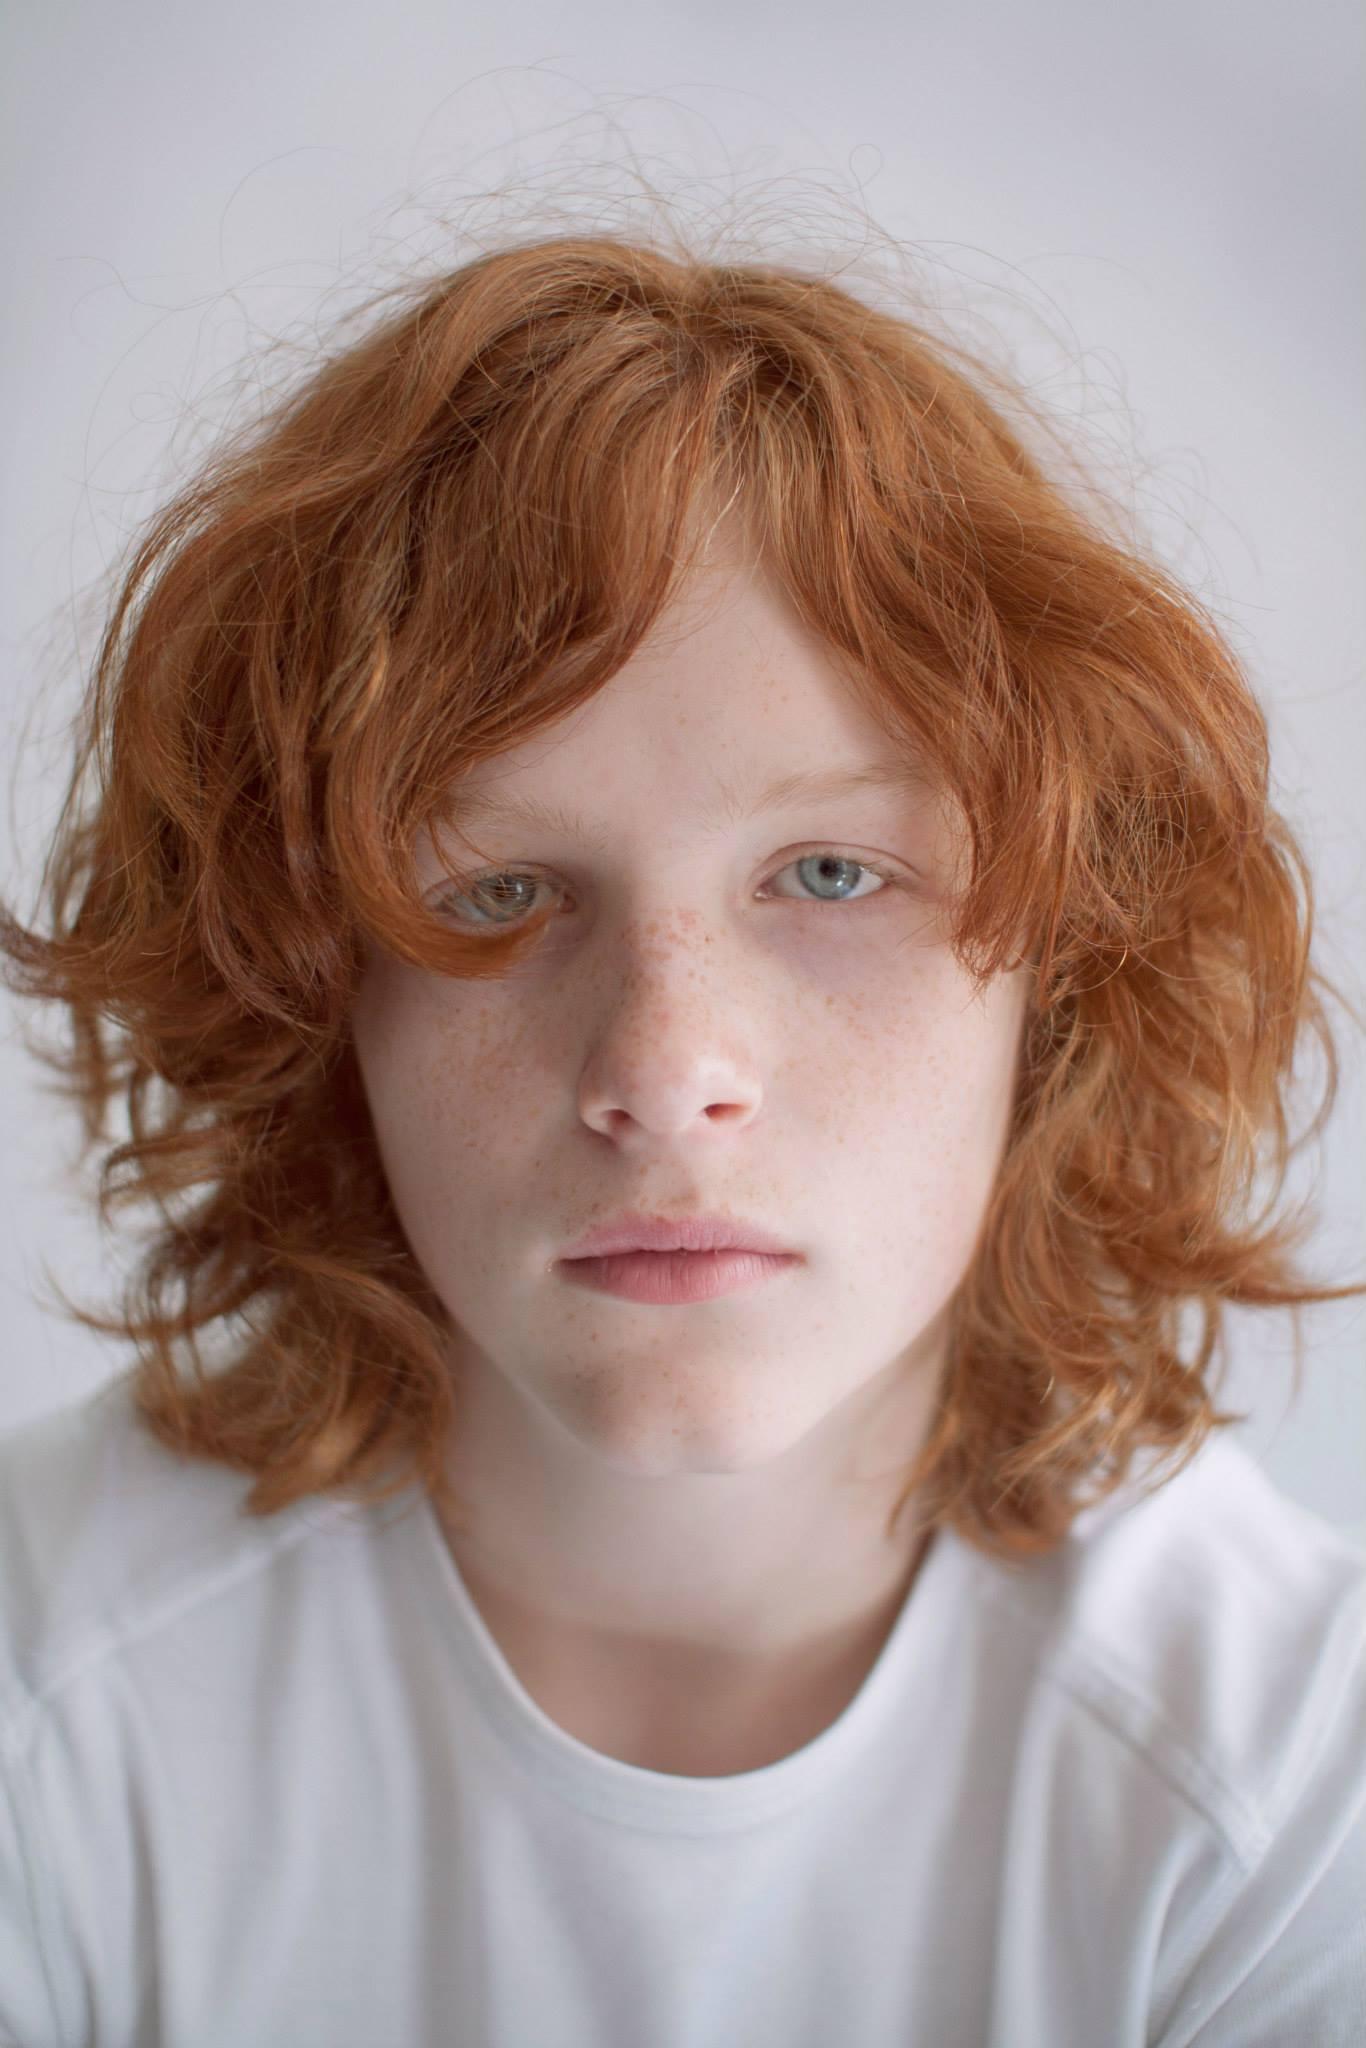 Projeto Ginger: Retratos que lutam contra a discriminação aos ruivos 01